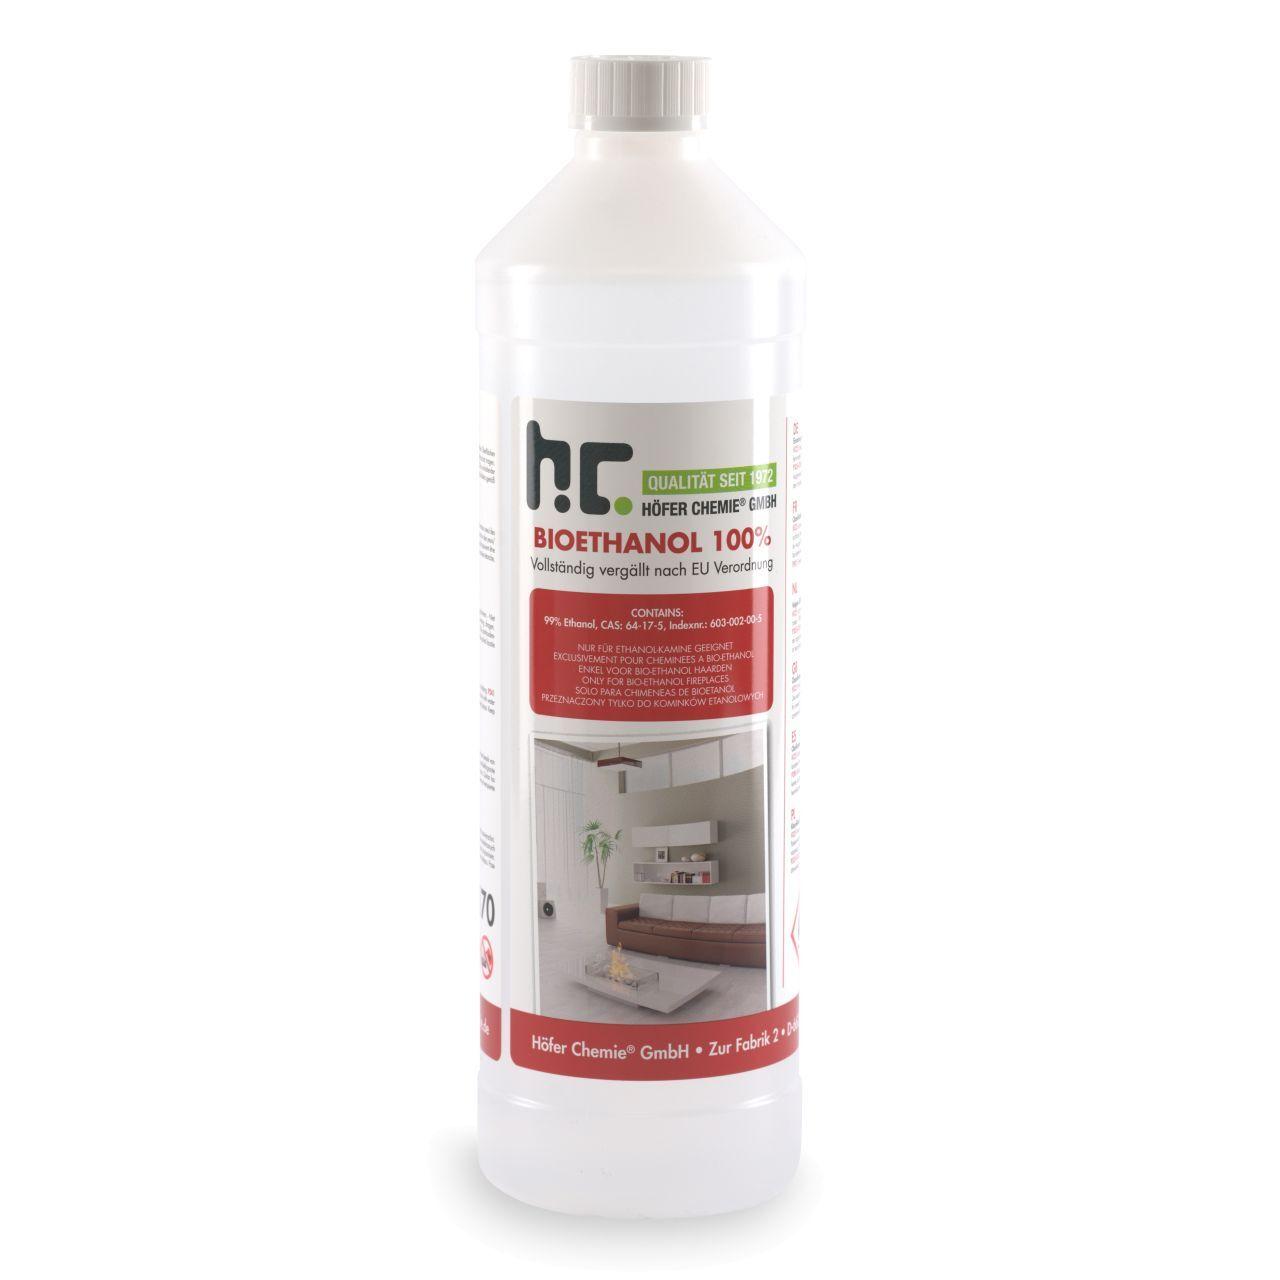 Höfer Chemie 24 l Bioéthanol à 100% dénaturé en bouteilles de 1 l (24 x 1 l)